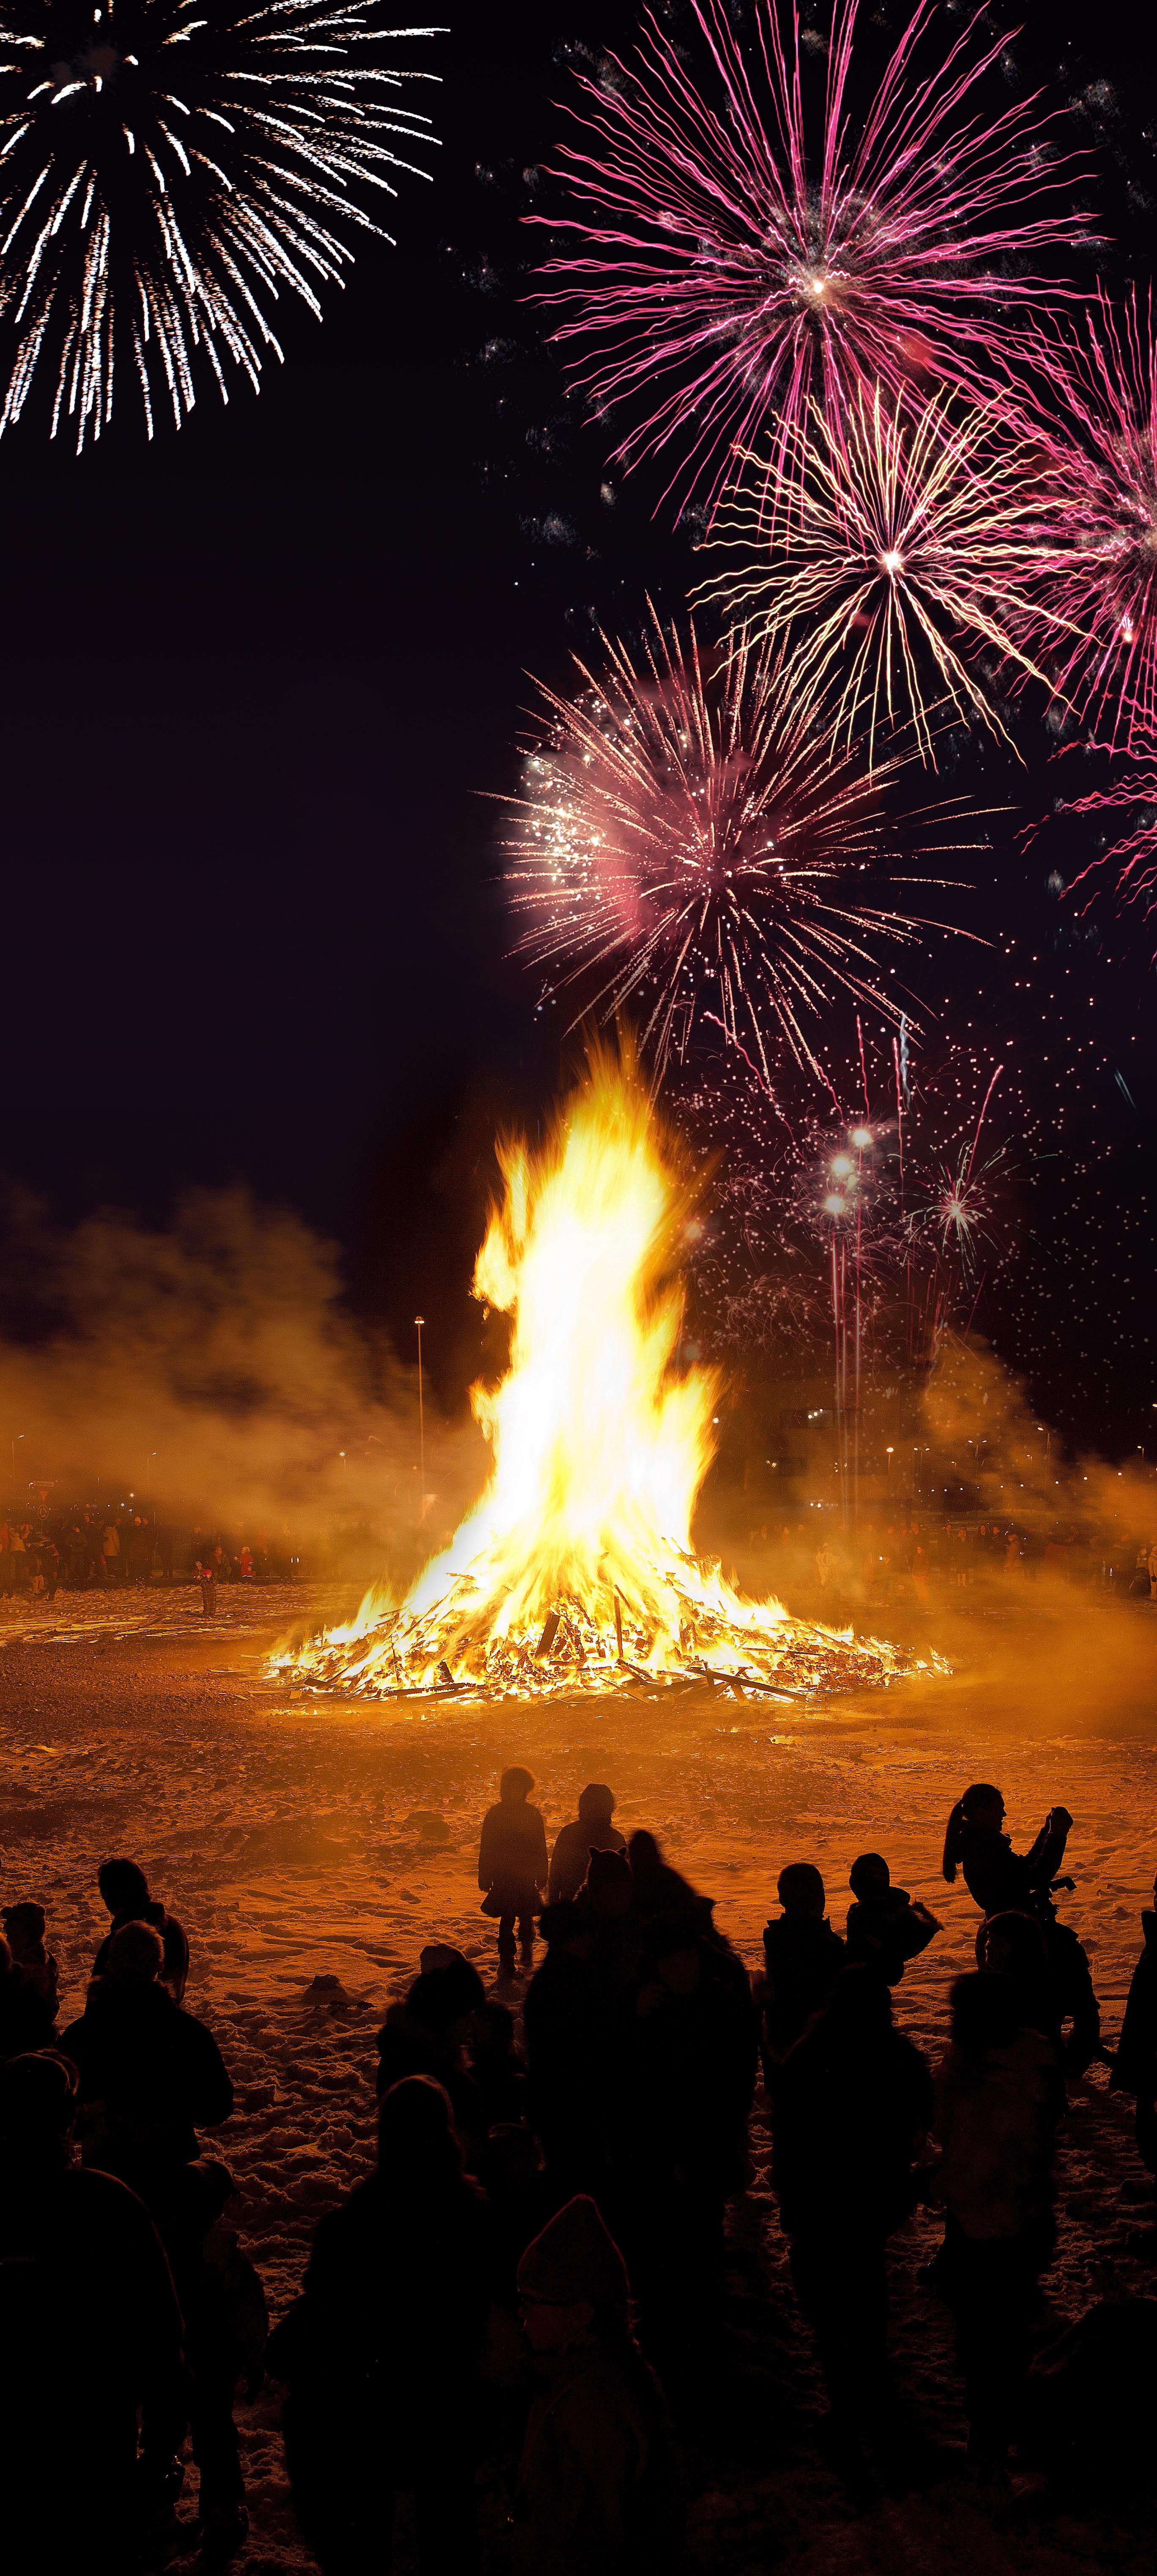 每逢新年,冰岛首都雷克雅未克各地就会燃放起烟花、点燃起篝火